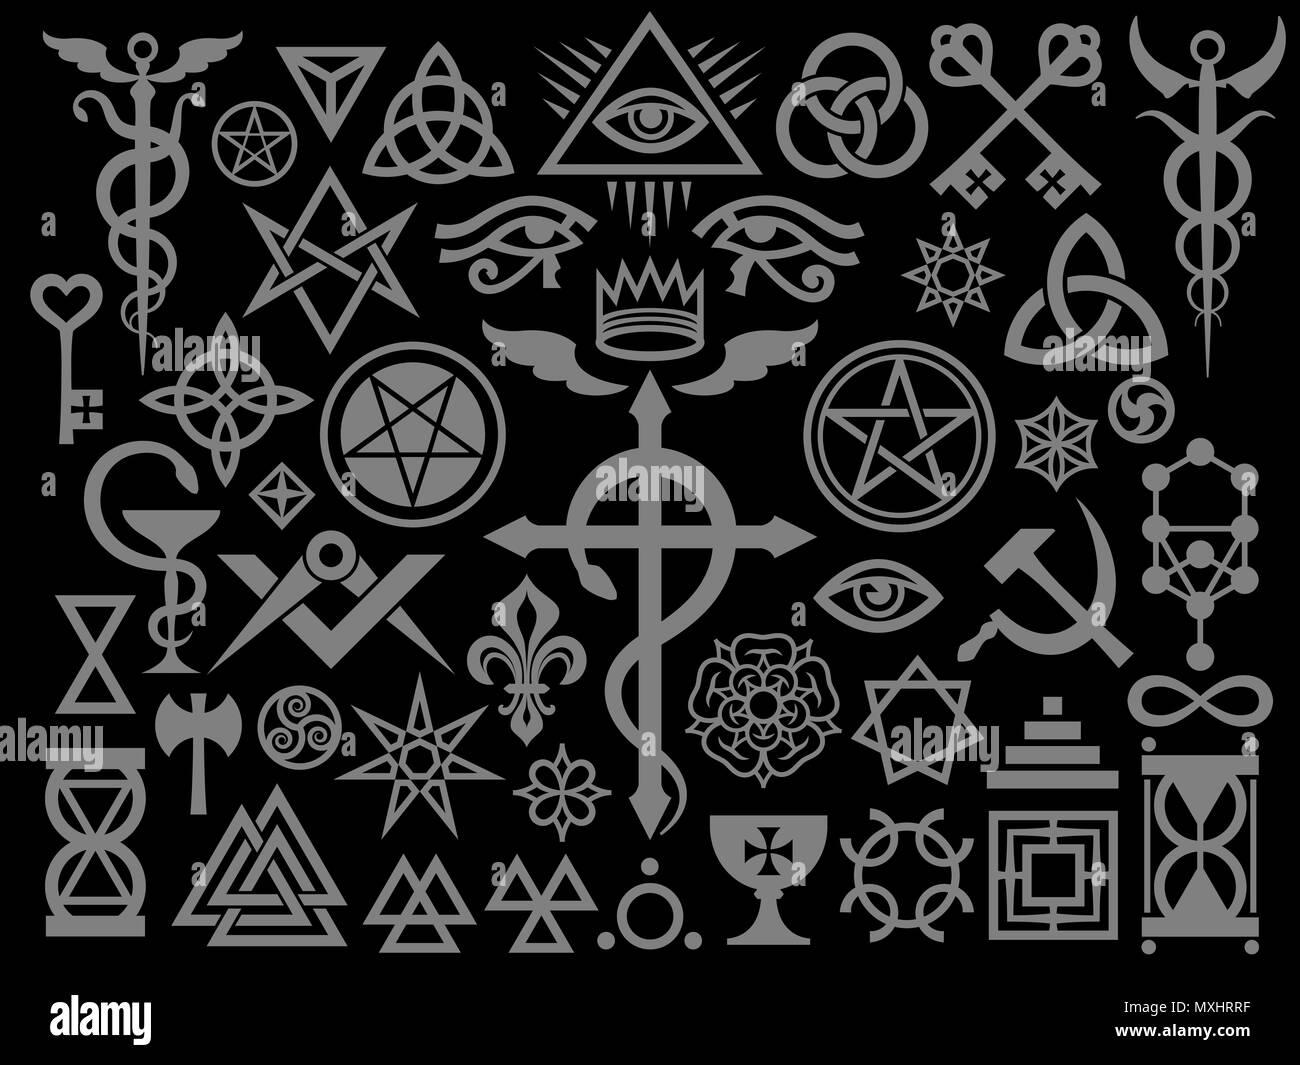 Ocultismo Medieval Signos Y Sellos Mágicos Sigils Cerraduras